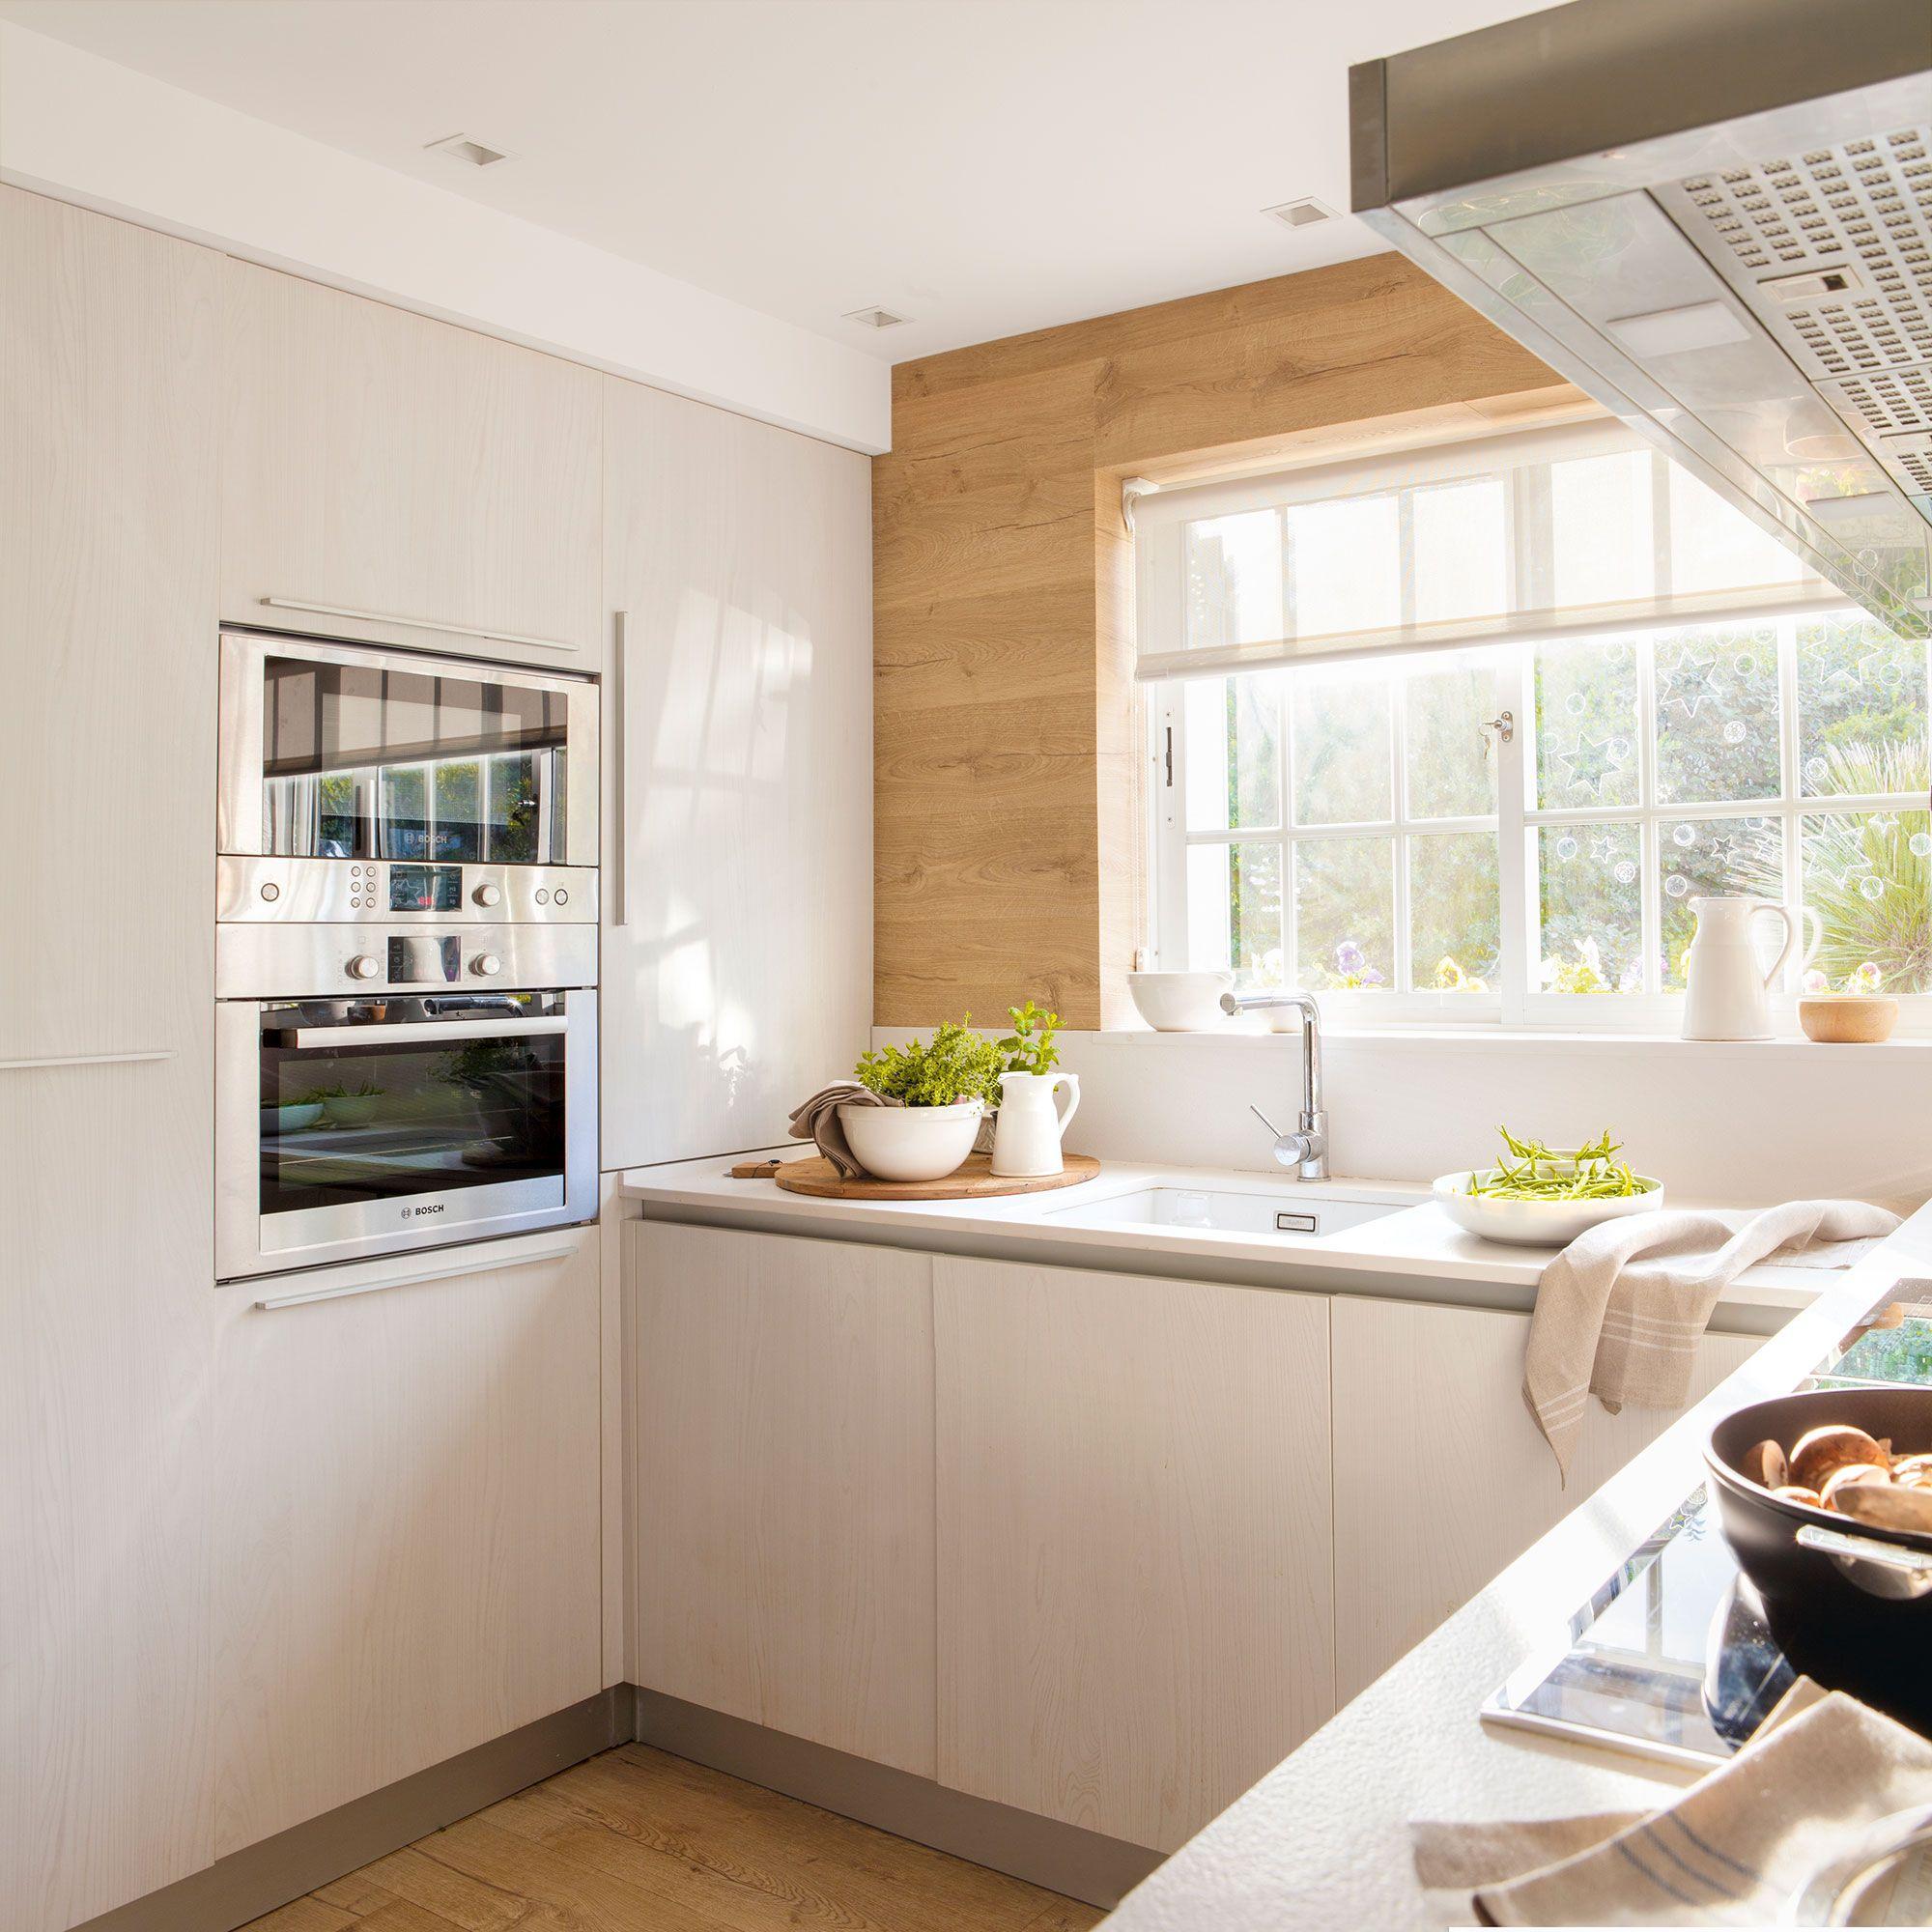 Cocina con pared revestida de madera y una pared de armarios con los ...